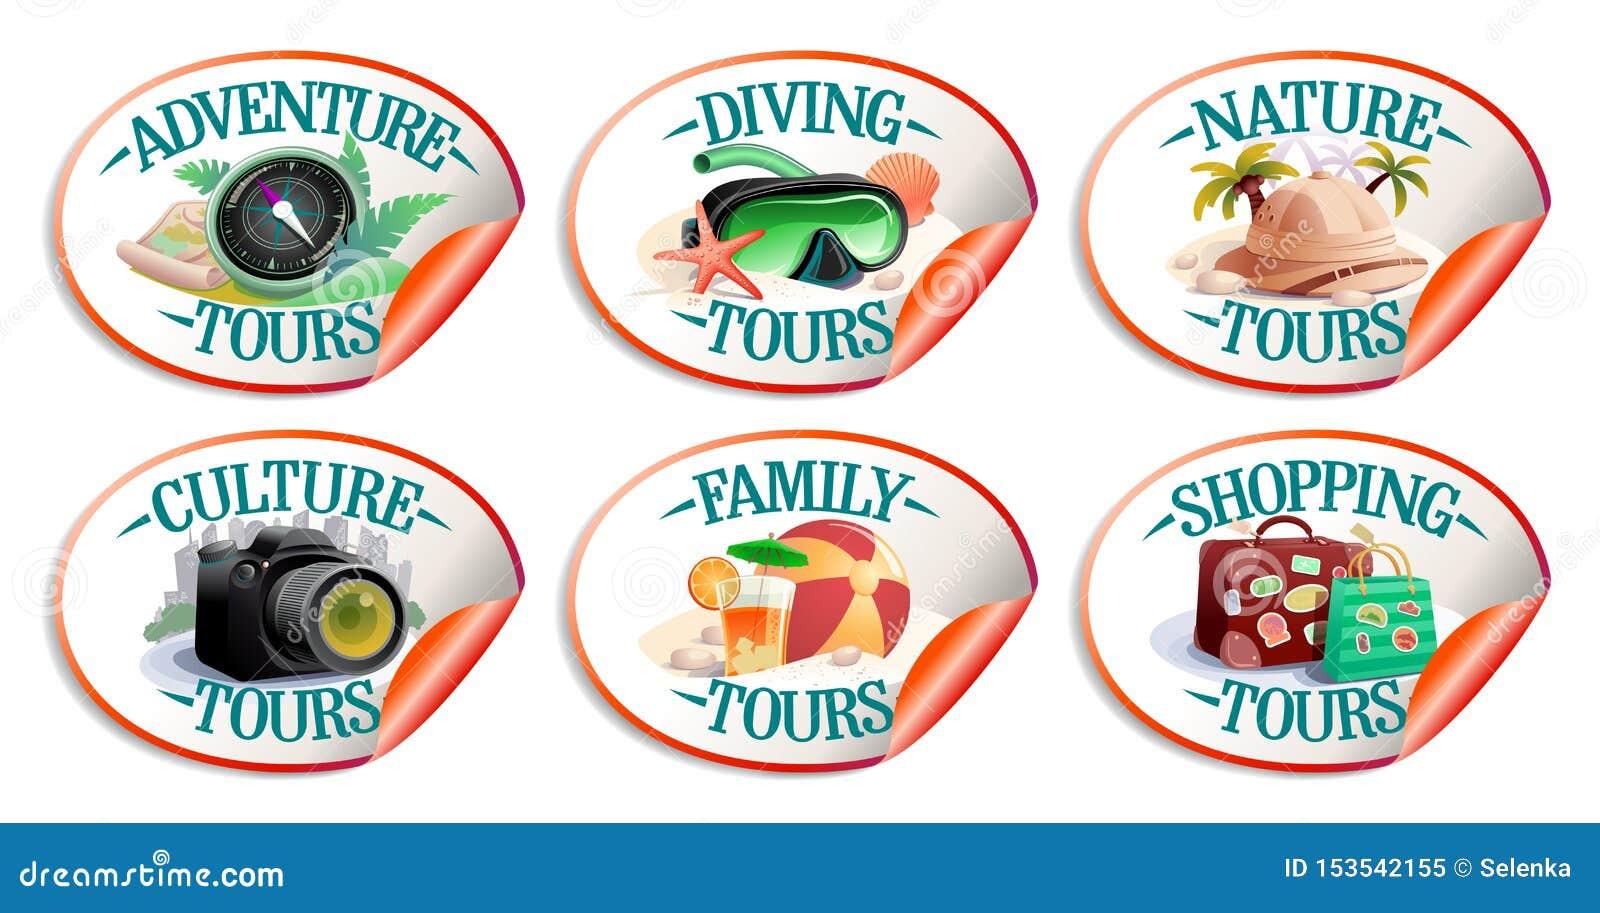 Διανυσματική συλλογή αυτοκόλλητων ετικεττών ταξιδιού - φύση turs, γύροι αγορών, γύροι περιπέτειας, κ.λπ.